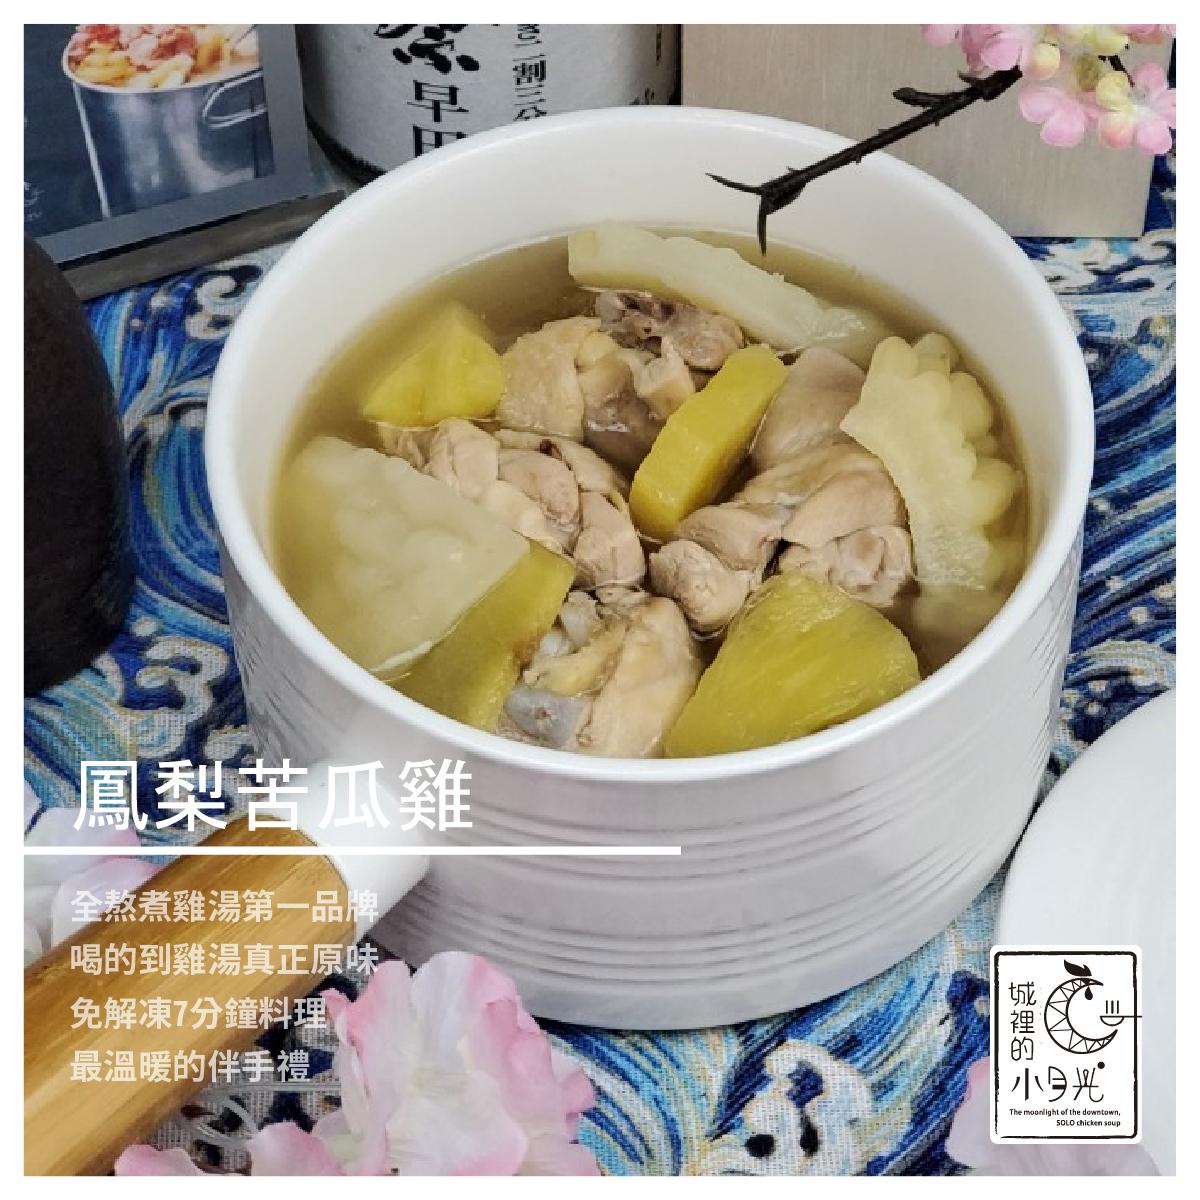 【城裡的小月光-單身雞湯】鳳梨苦瓜雞/包 (1-2人份)